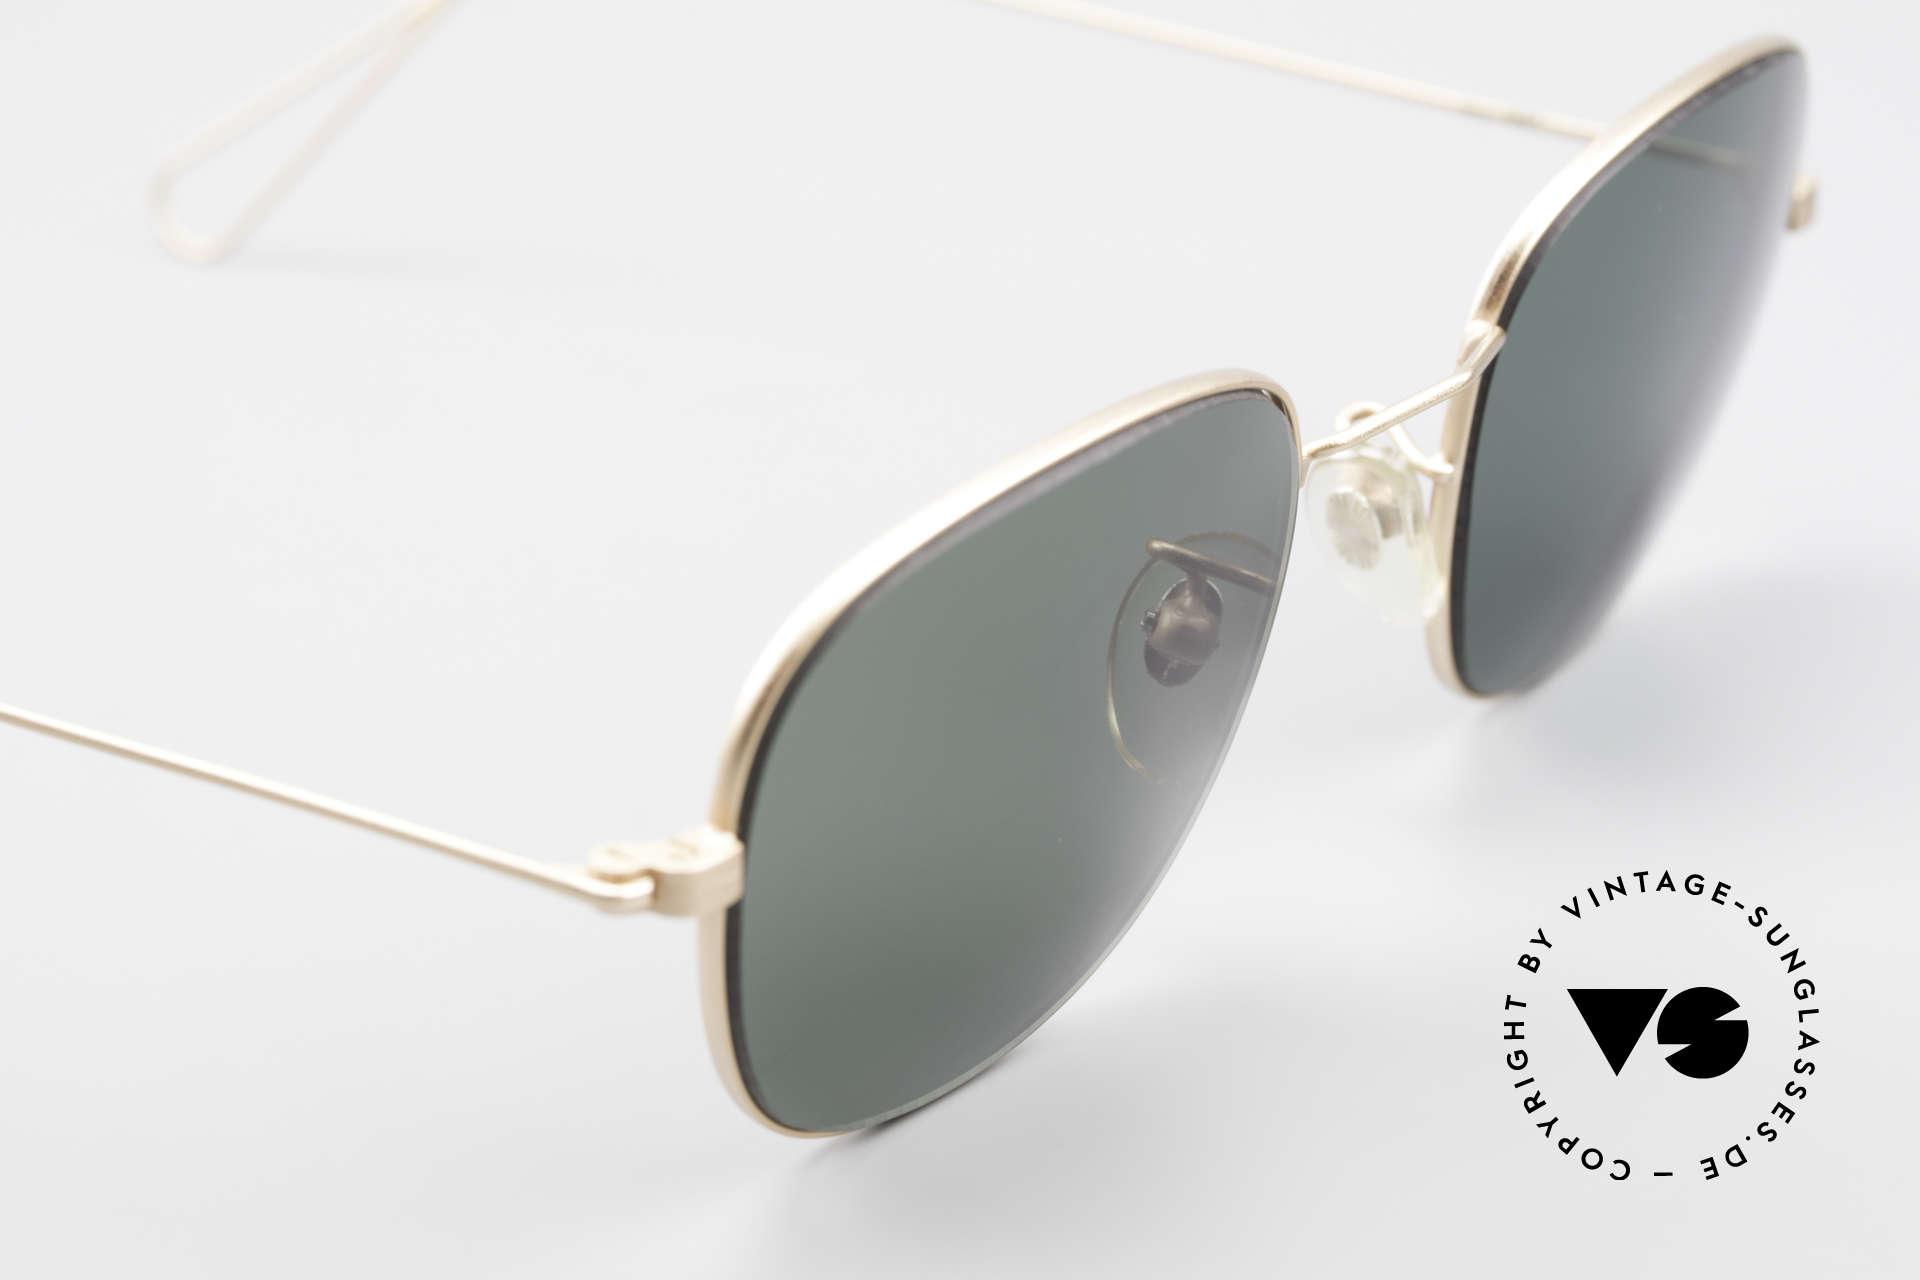 Cutler And Gross 0307 Klassische 90er Vintage Brille, ungetragen; Modell ist auch beliebig optisch verglasbar, Passend für Herren und Damen